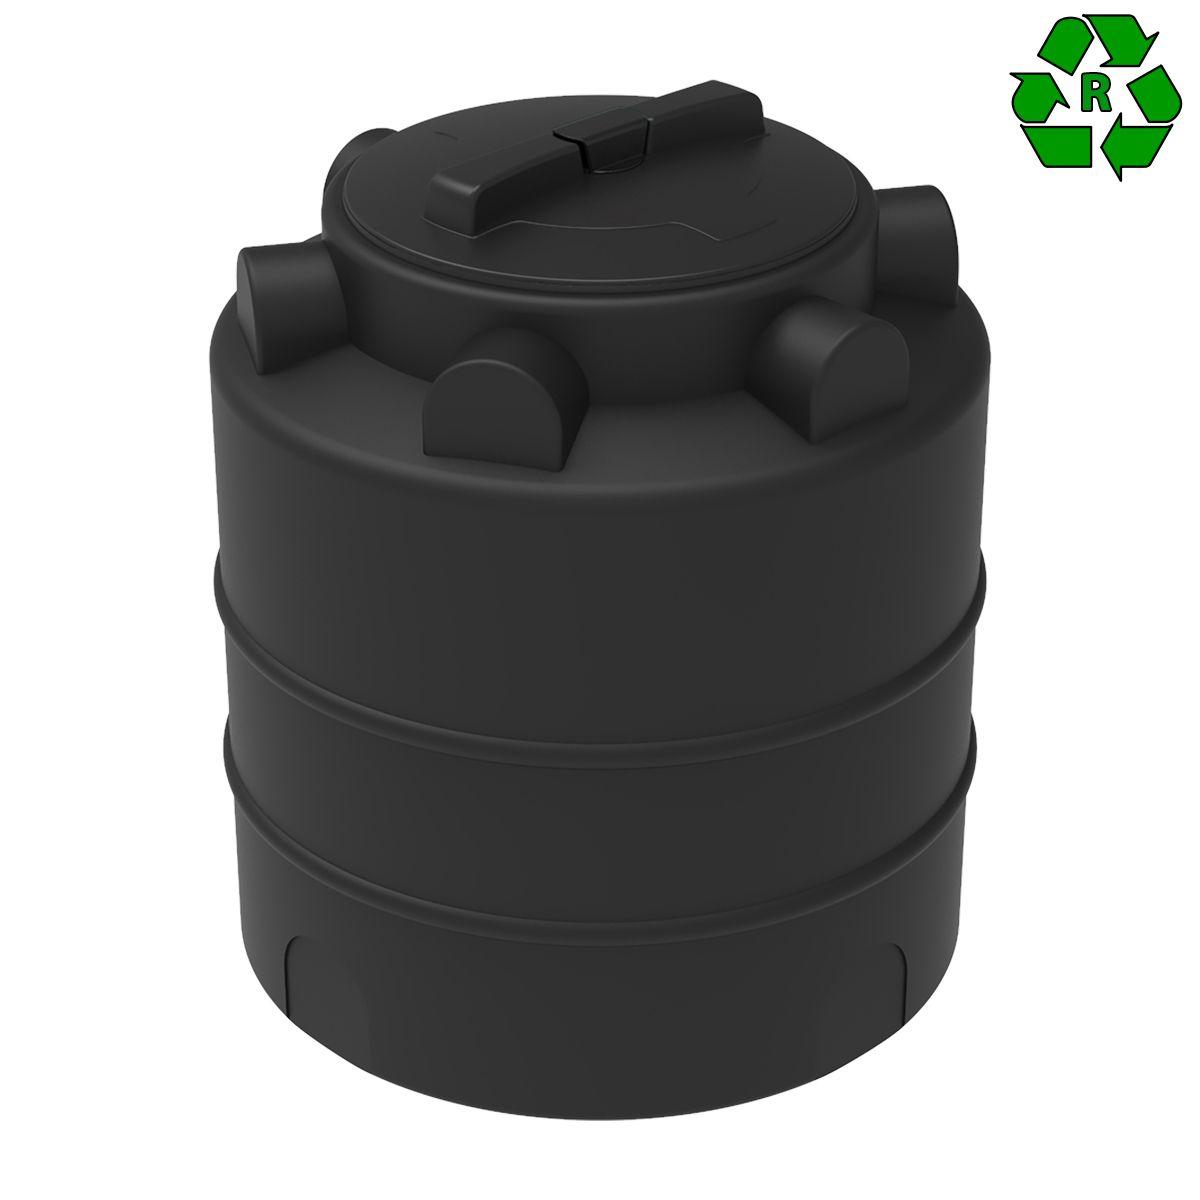 Емкость R ЭВЛ-Т 100 литров